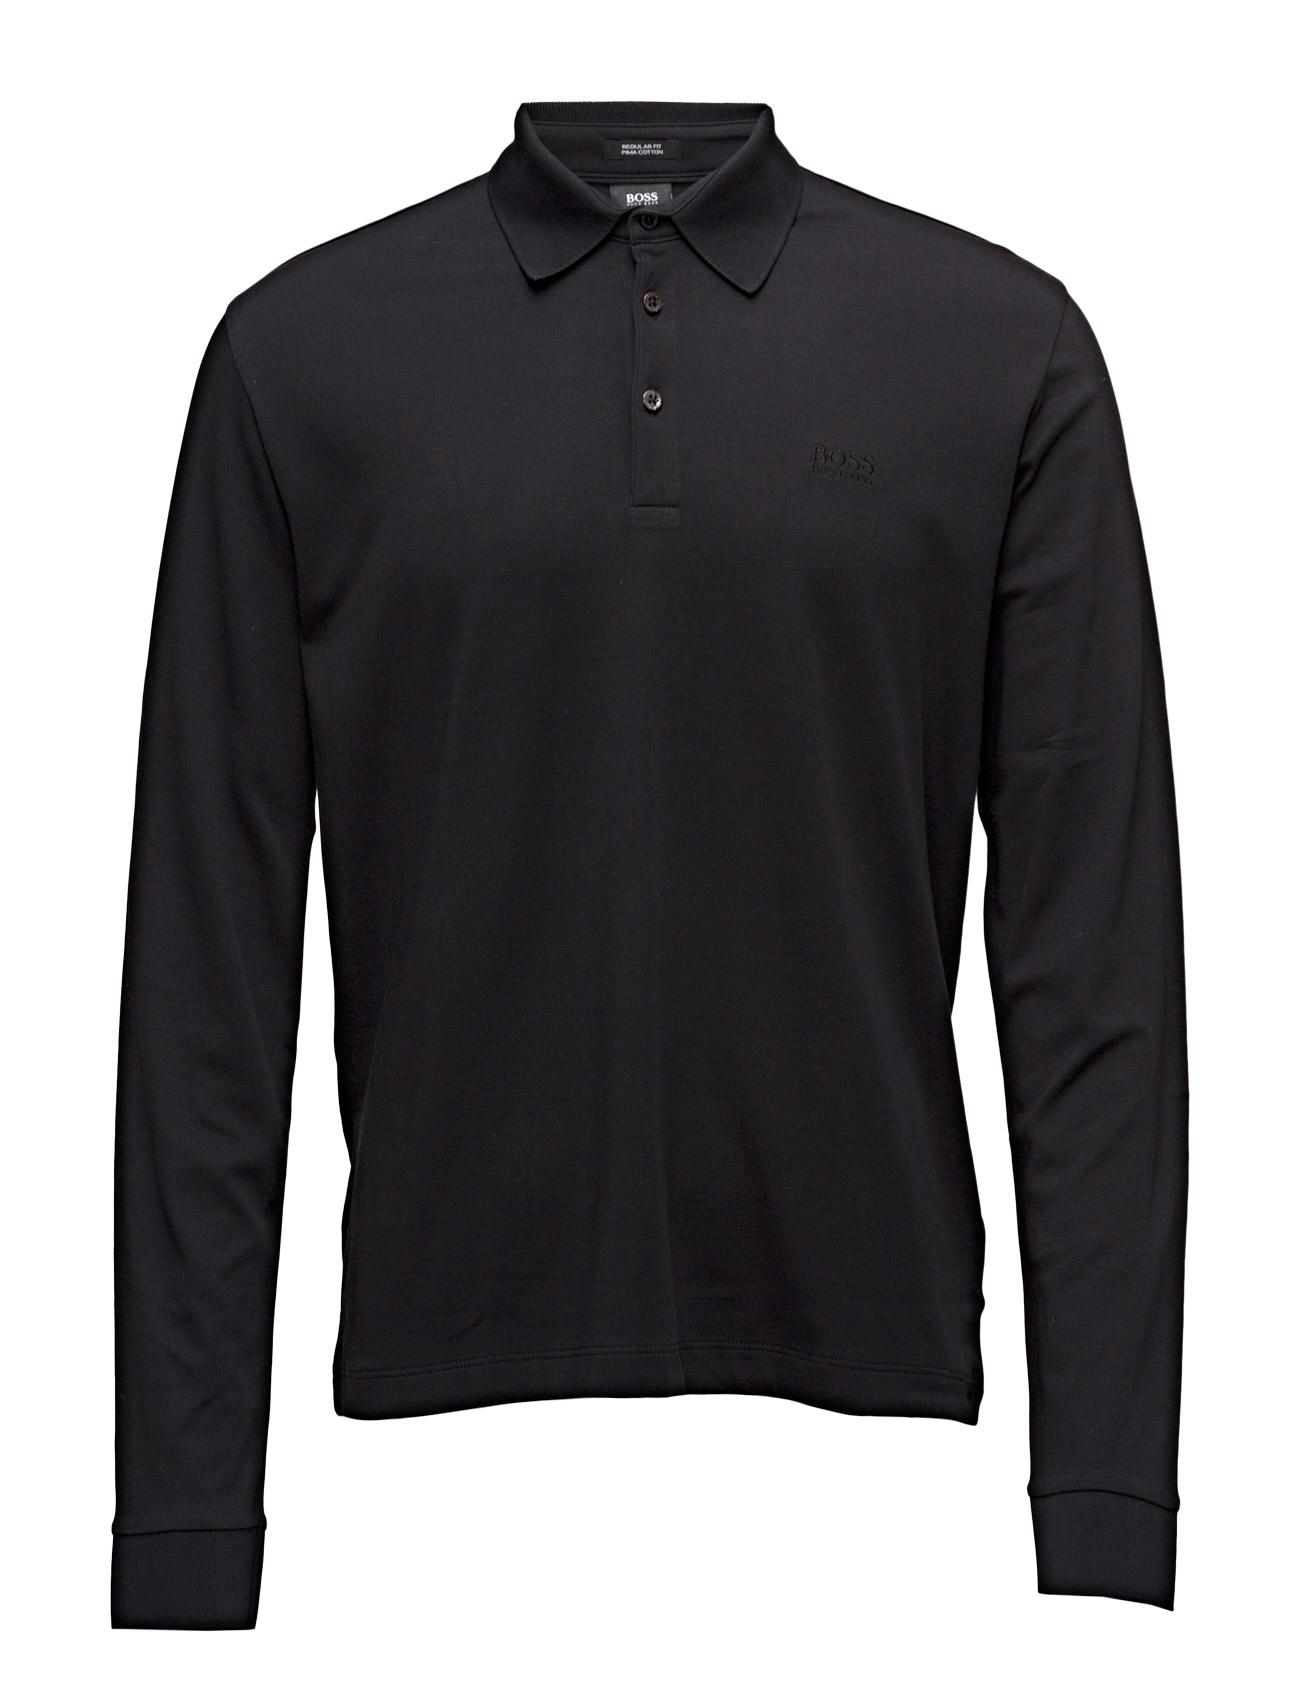 Phillian BOSS Længærmede polo t-shirts til Mænd i Trækul